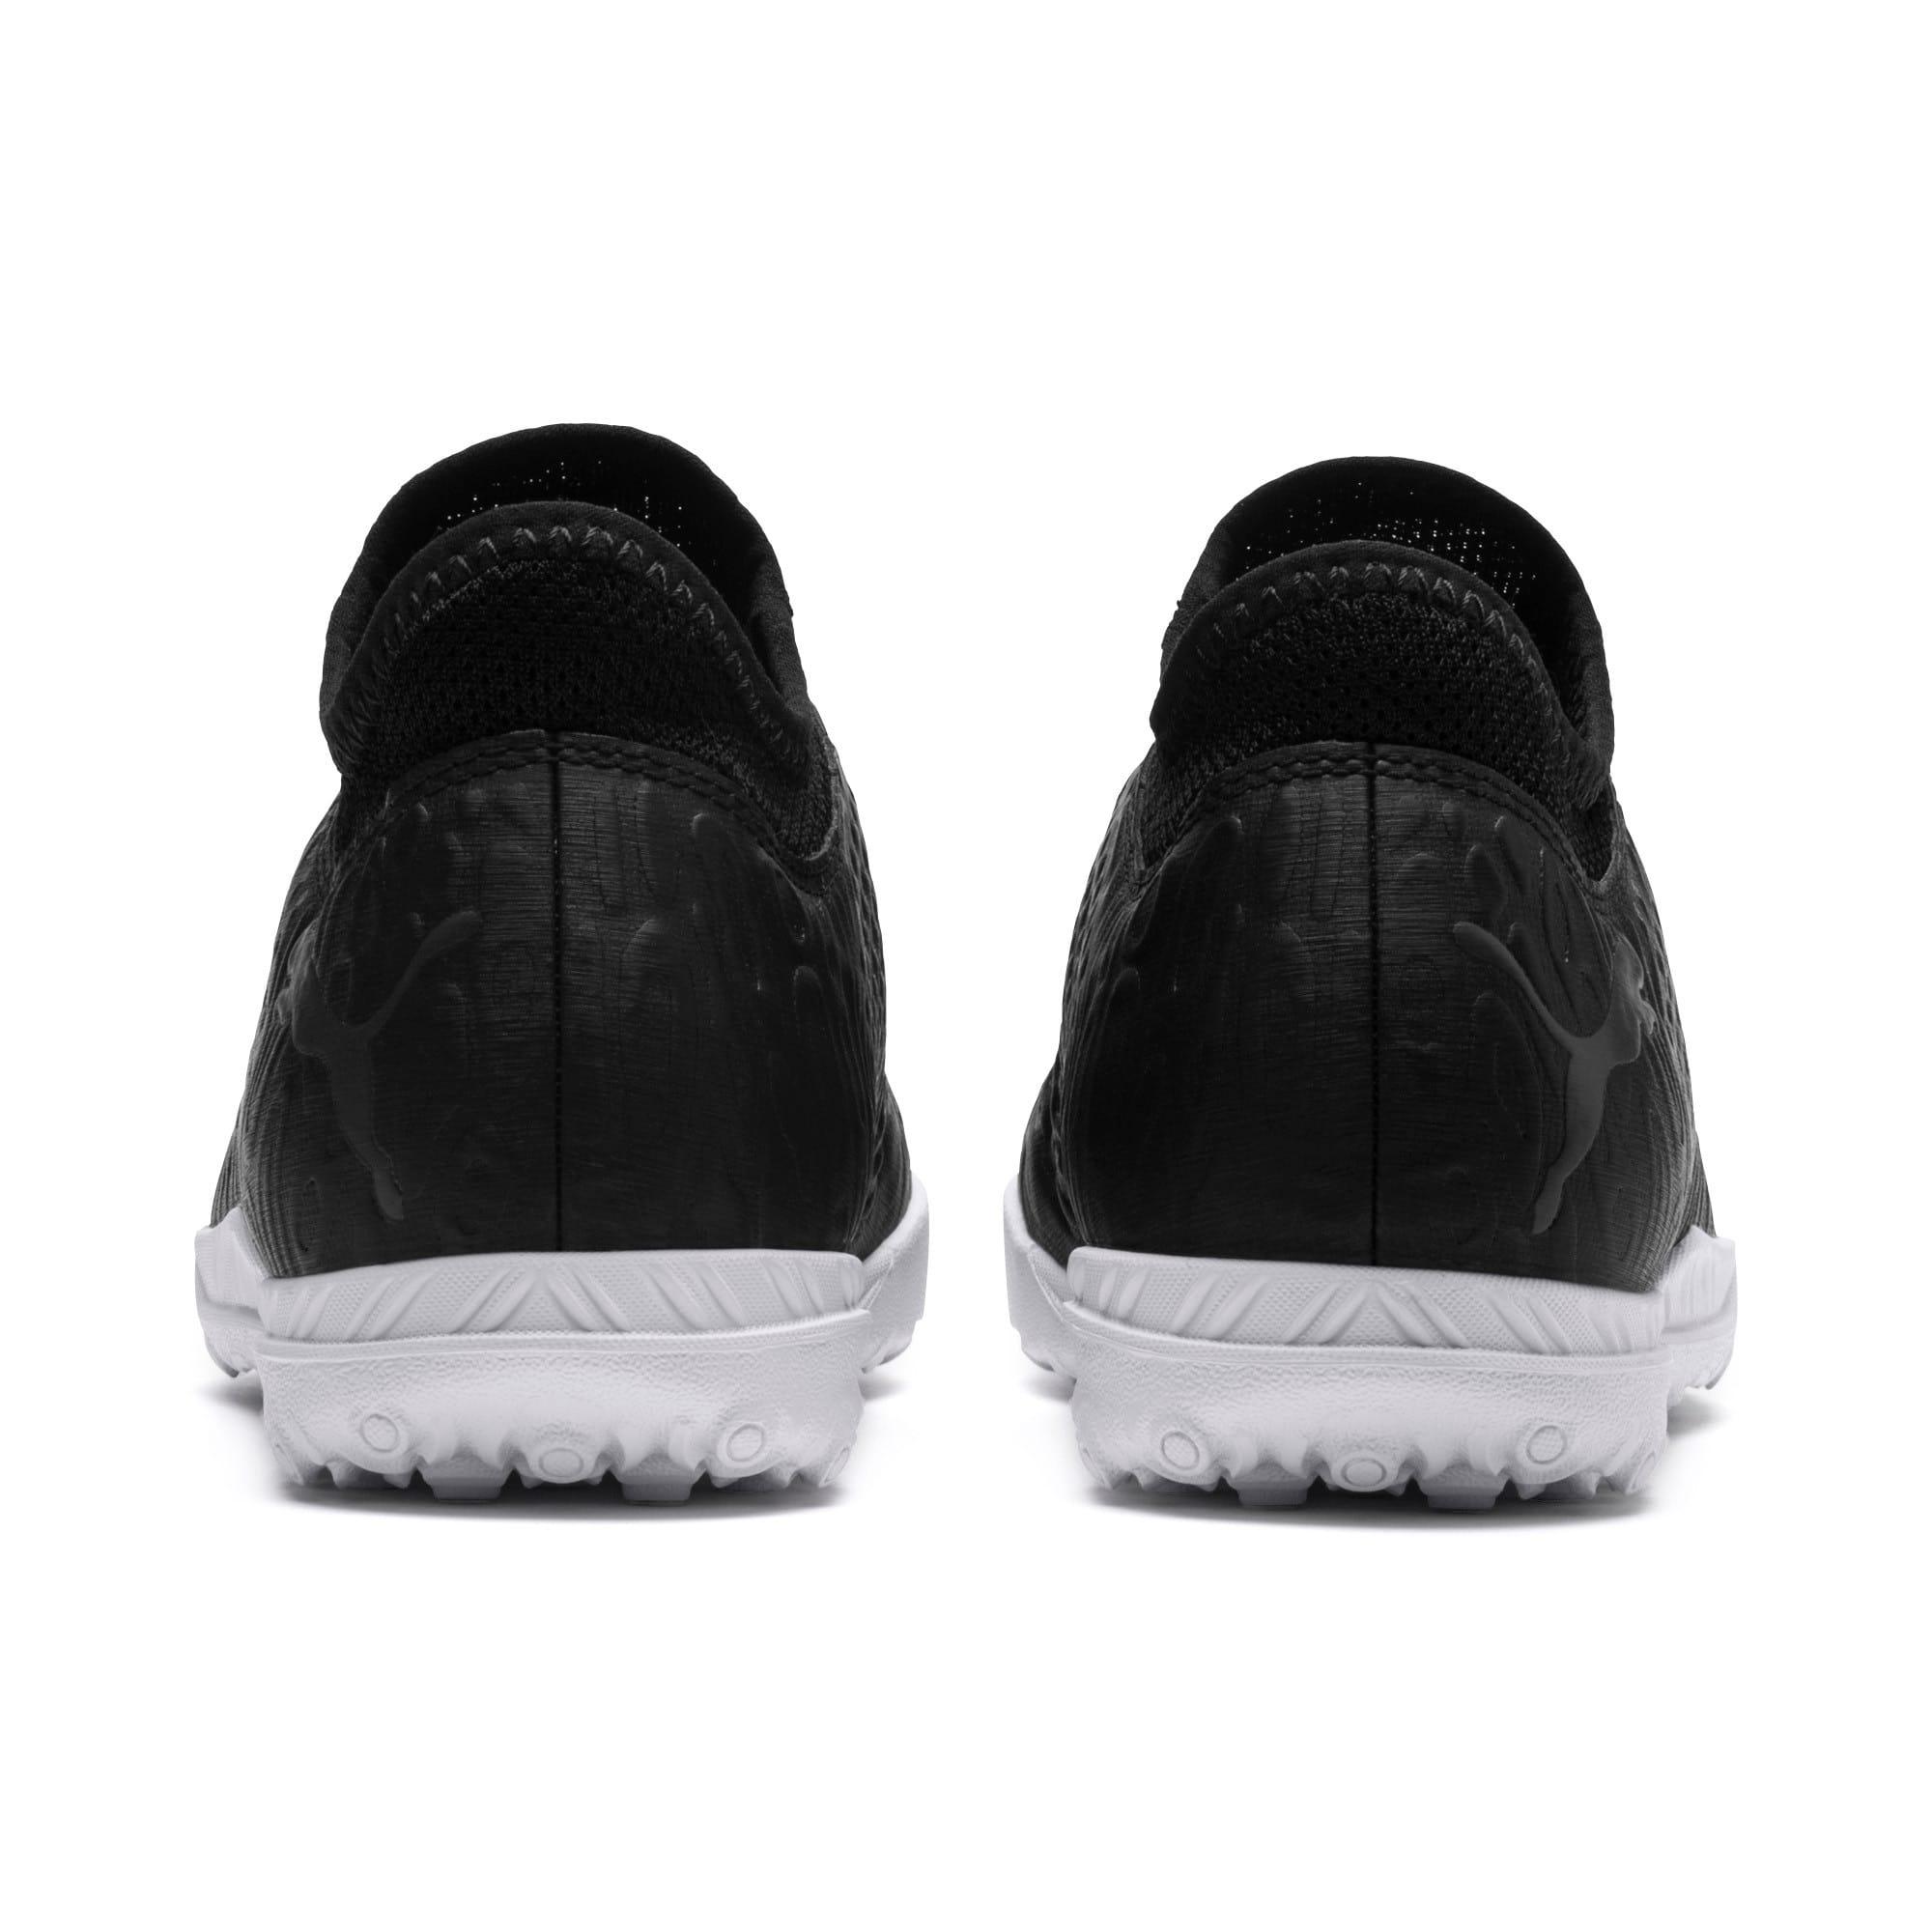 Thumbnail 4 of FUTURE 19.4 TT Soccer Shoes JR, Puma Black-Puma Black-White, medium